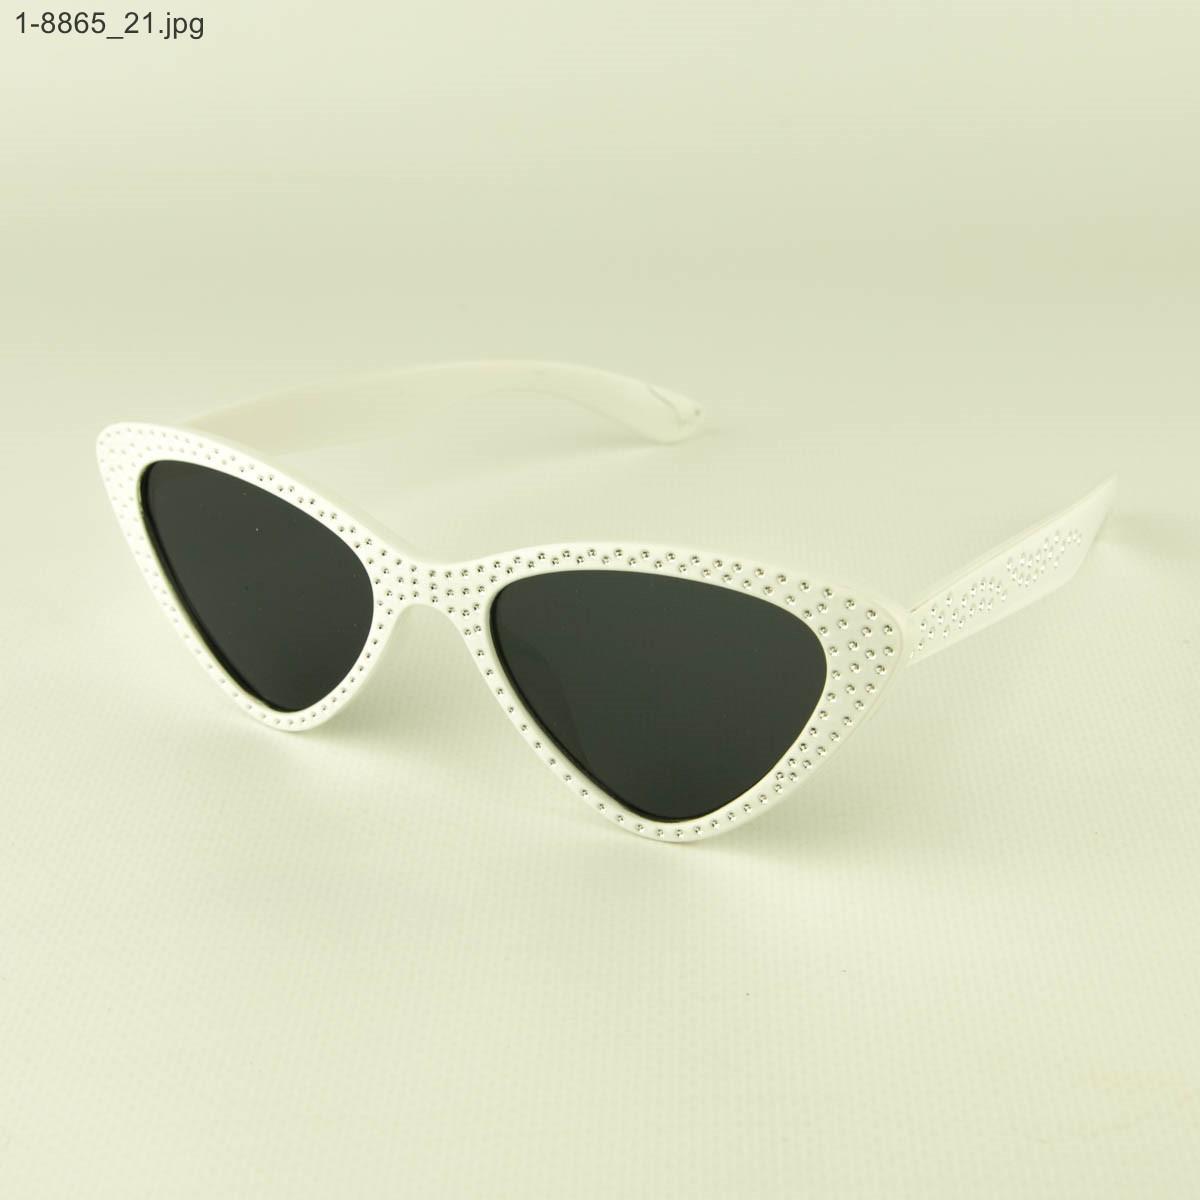 Оптом модные очки кошачий глаз - Белые со стразами (имитация) - 1-8865